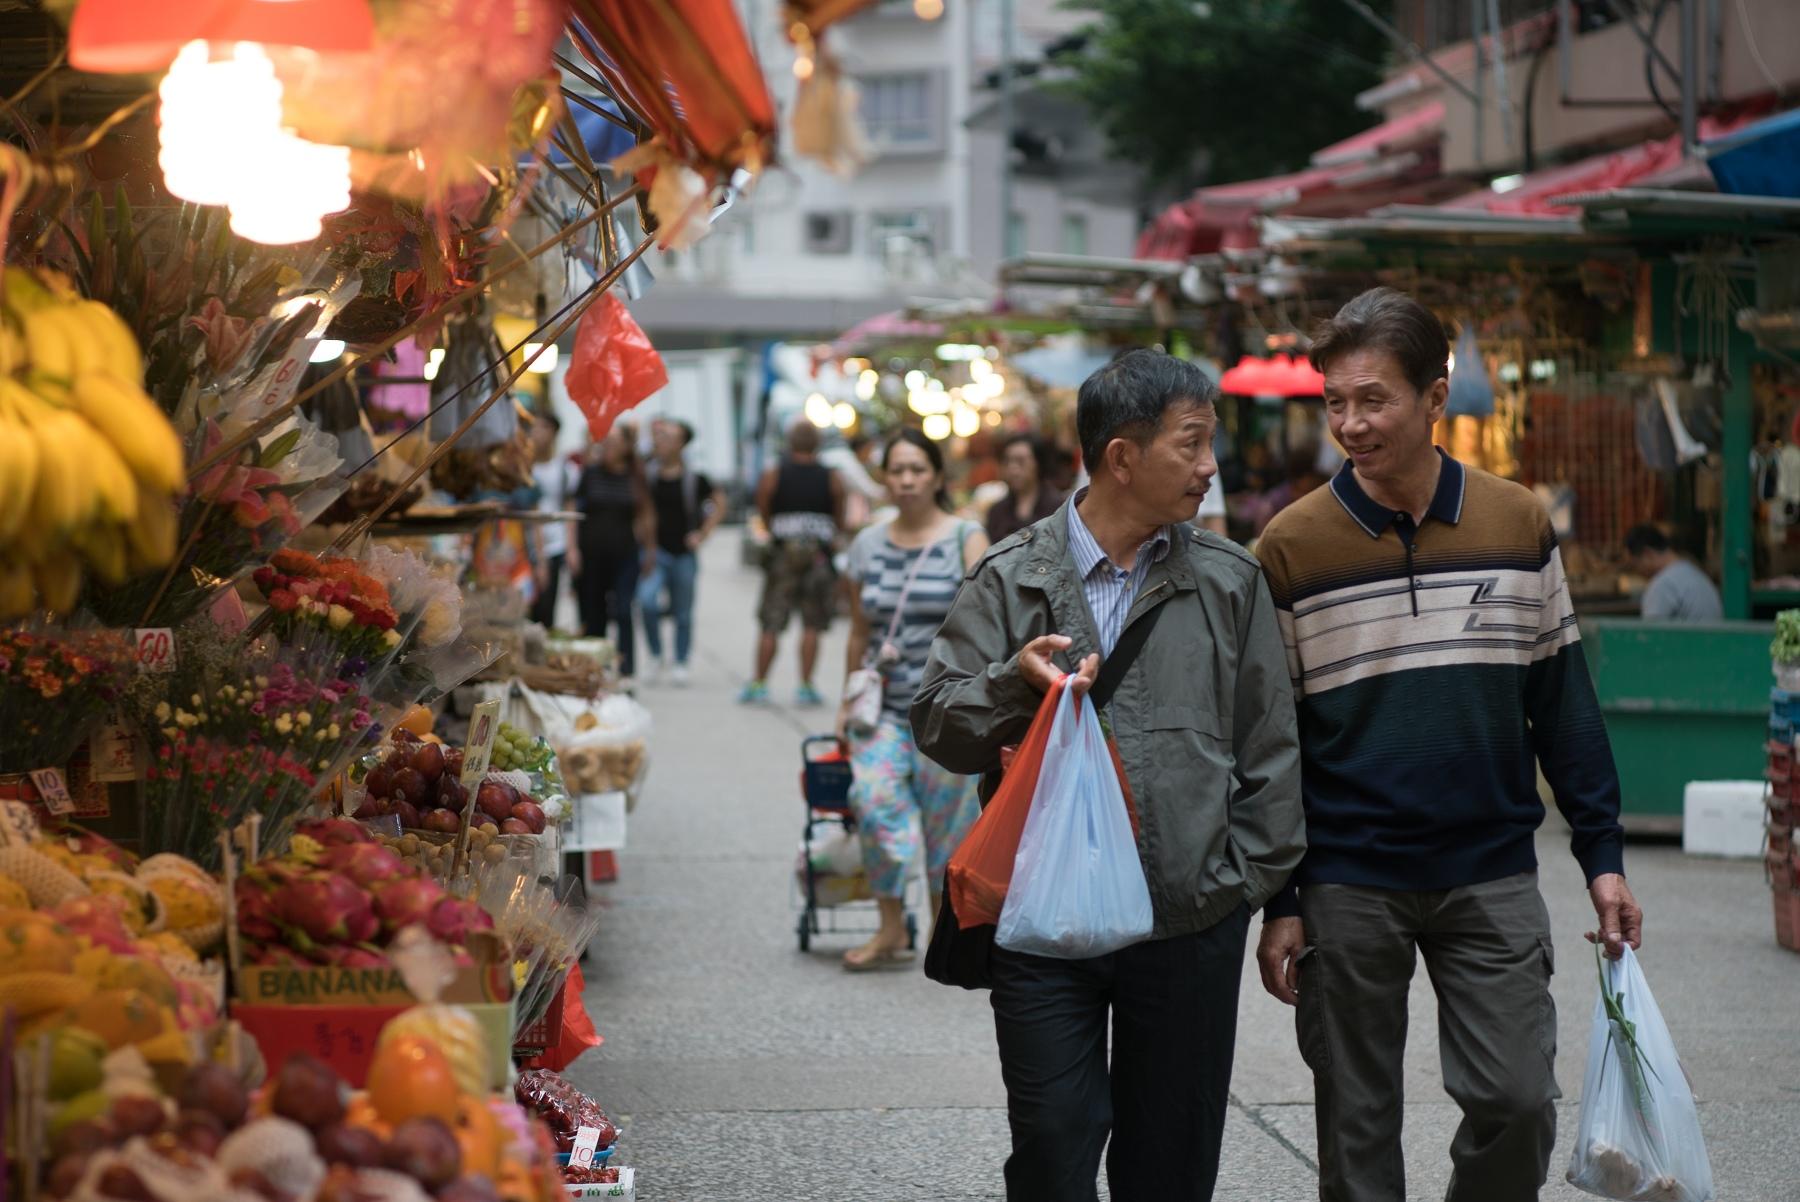 太保(右)、袁富華(左)在本片大談高齡已婚禁忌之戀